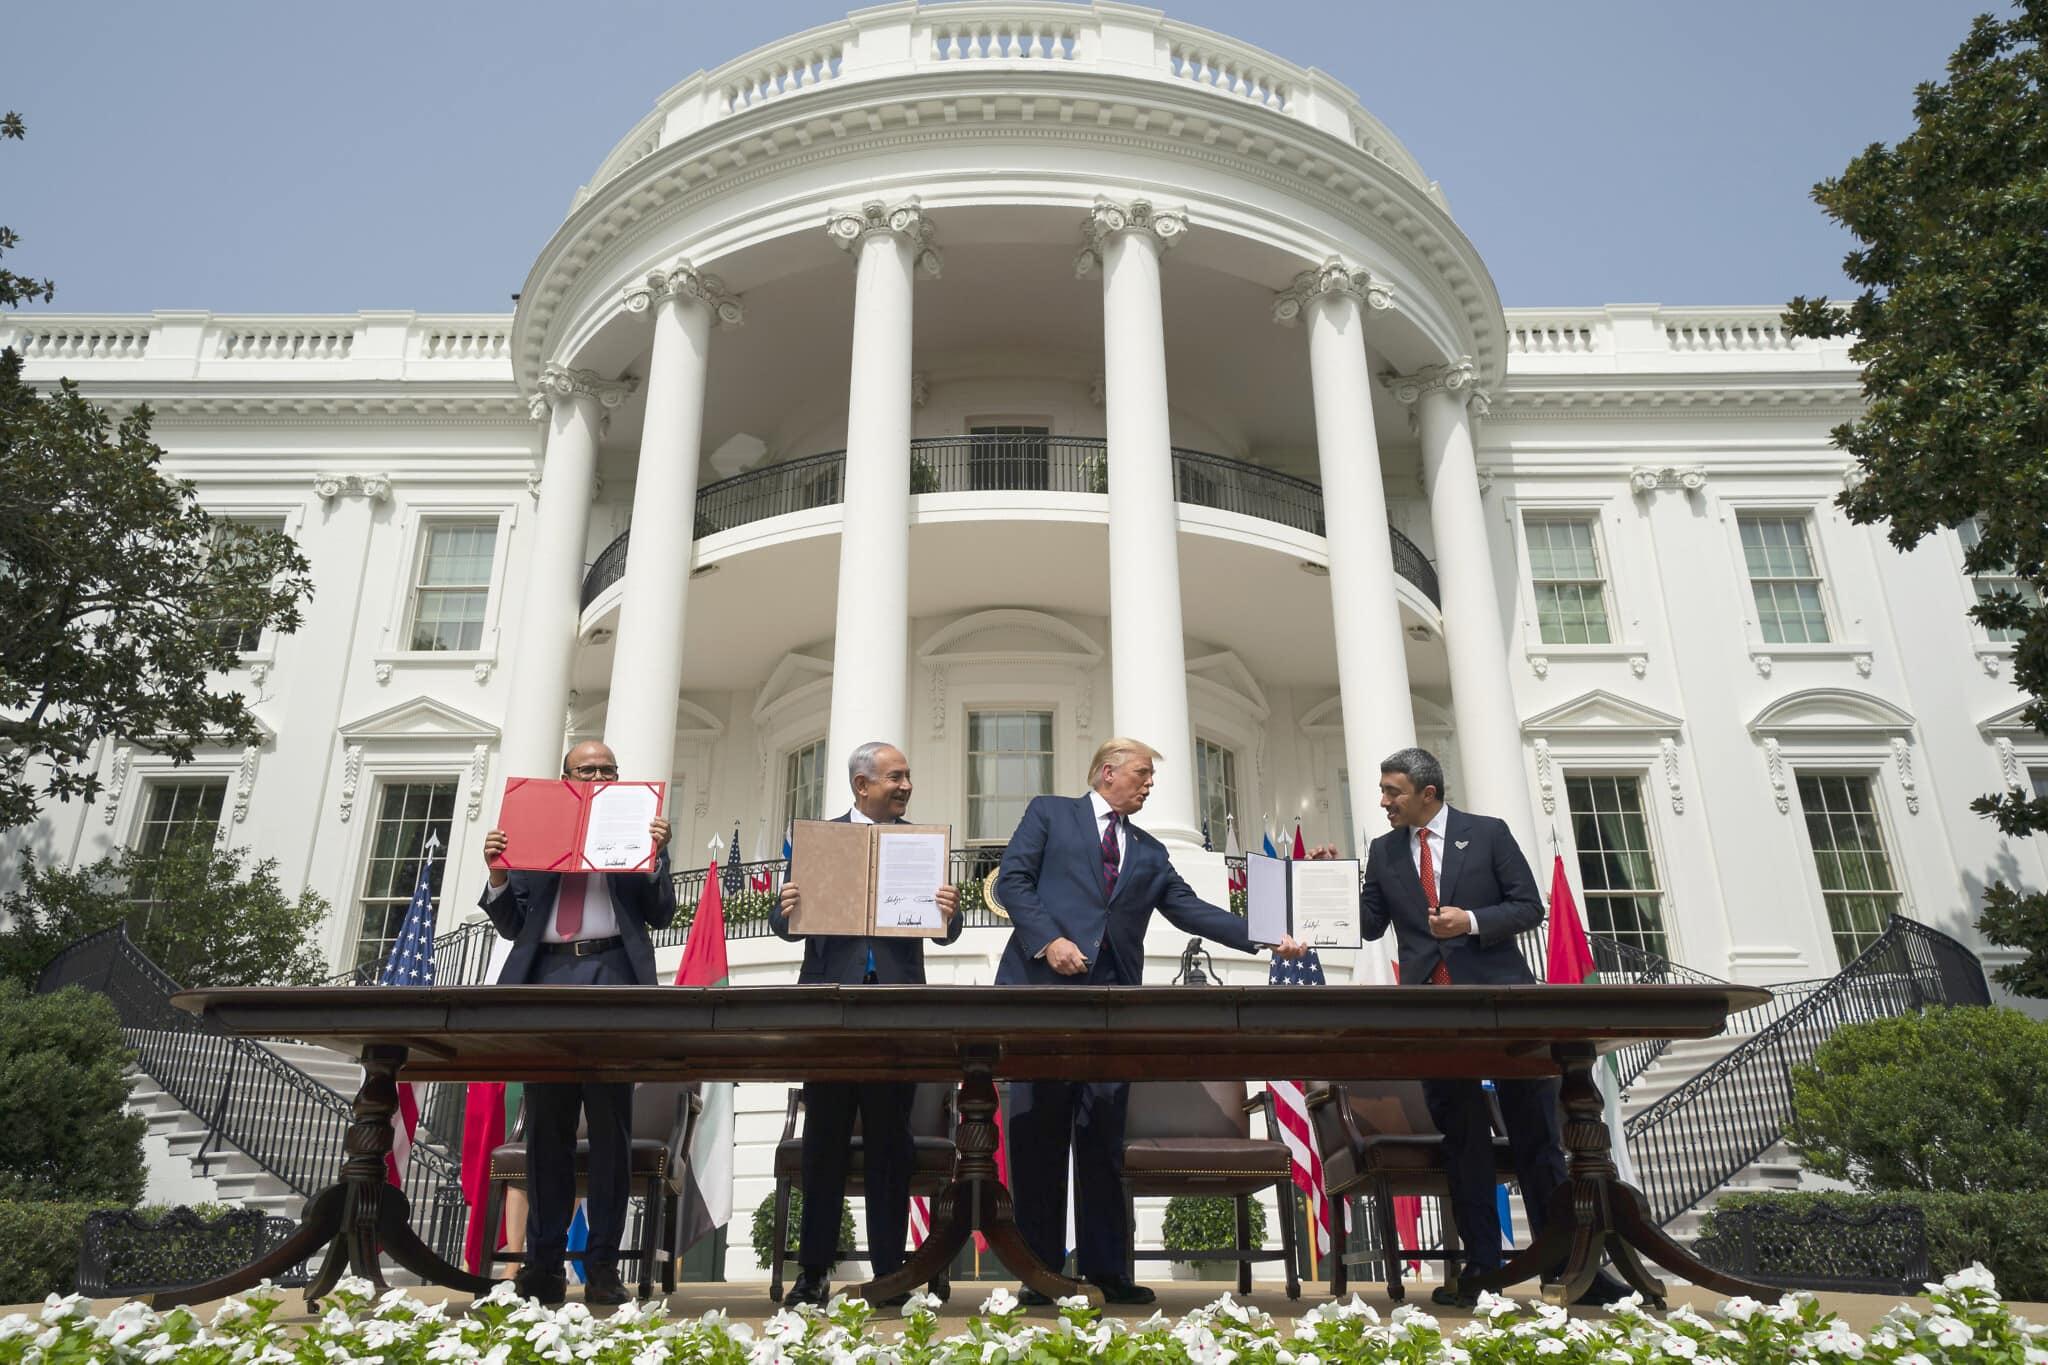 נשיא ארצות הברית דונלד טראמפ (במרכז), עם שר החוץ הבחרייני עבד אל-לטיף אל-זיאני (משמאל), ראש הממשלה בנימין נתניהו ושר החוץ של איחוד האמירויות הערביות עבדאללה בן זאיד אל-נהיאן, בטקס החתימה על הסכמי אברהם במדשאה הדרומית בבית הלבן בוושינגטון, 15 בספטמבר 2020 (צילום: Alex Brandon/AP)